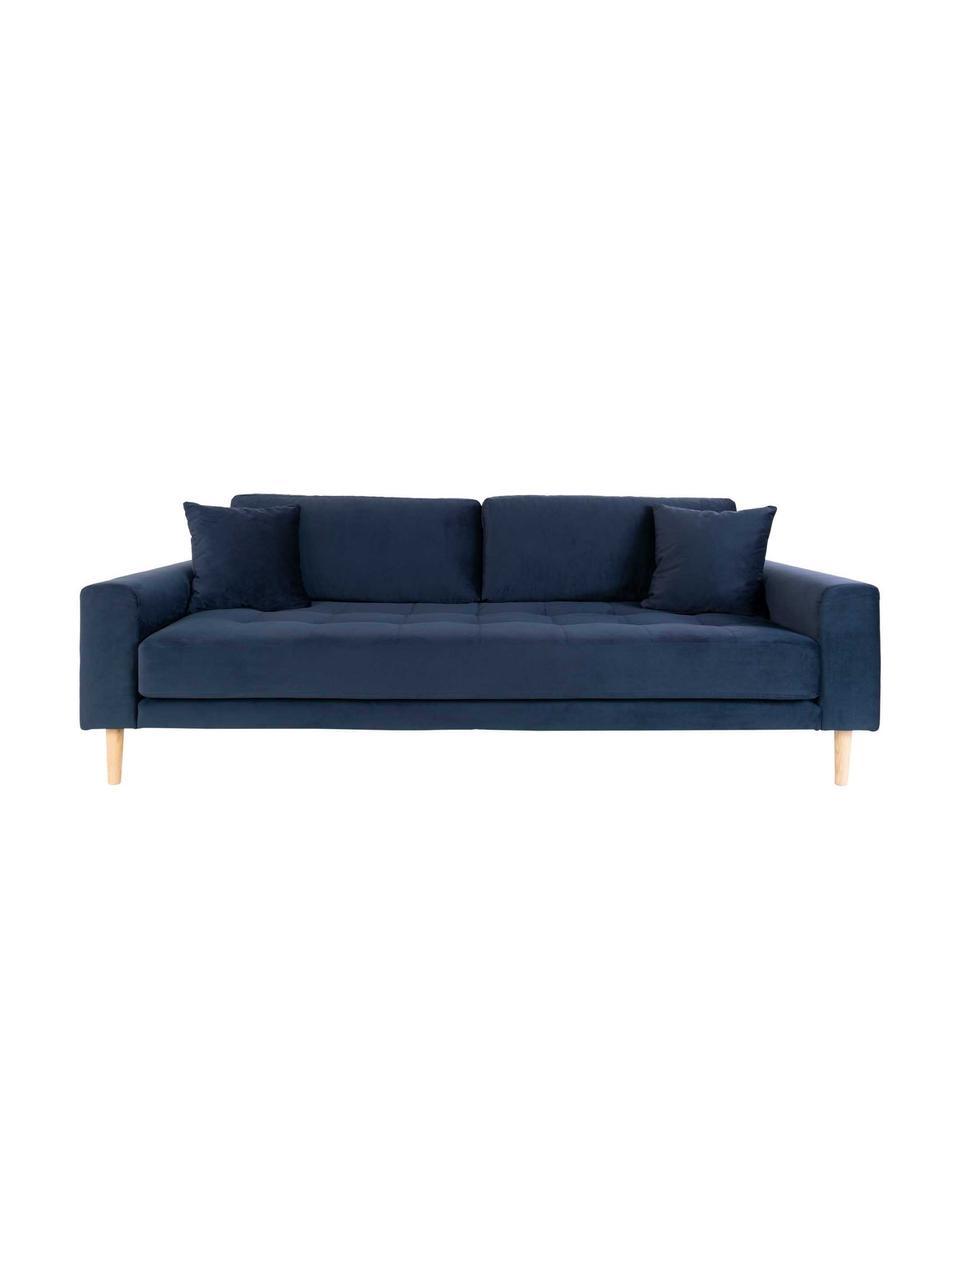 Sofa z aksamitu  Lido (3-osobowa), Tapicerka: aksamit poliestrowy 3000, Nogi: drewno jodłowe, Ciemny niebieski, S 210 x G 93 cm